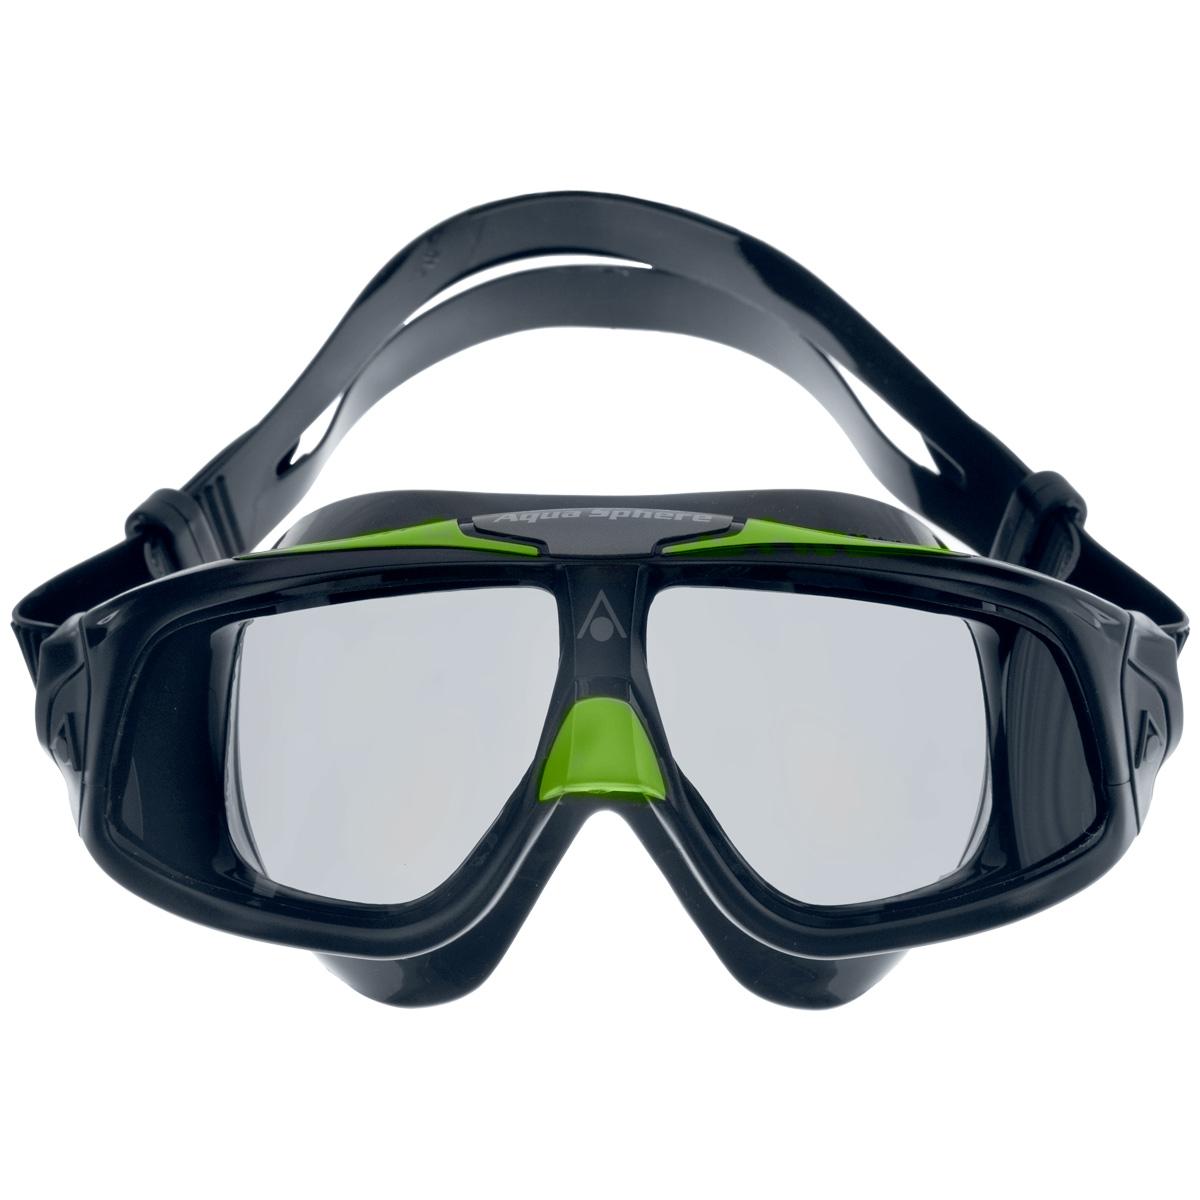 Очки для плавания Aqua Sphere Seal 2.0, цвет: черный, зеленый527Aqua Sphere Seal 2.0 являются идеальными очками для тех, кто пользуется контактными линзами, так как они обеспечивают высокий уровень защиты глаз от внешних раздражителей, бактерий, соли и хлора.Особая форма линз обеспечивает панорамный обзор 180°. Очки дают 100% защиту от ультрафиолетового излучения. Специальное покрытие препятствует запотеванию стекол.Материал: силикон, plexisol.